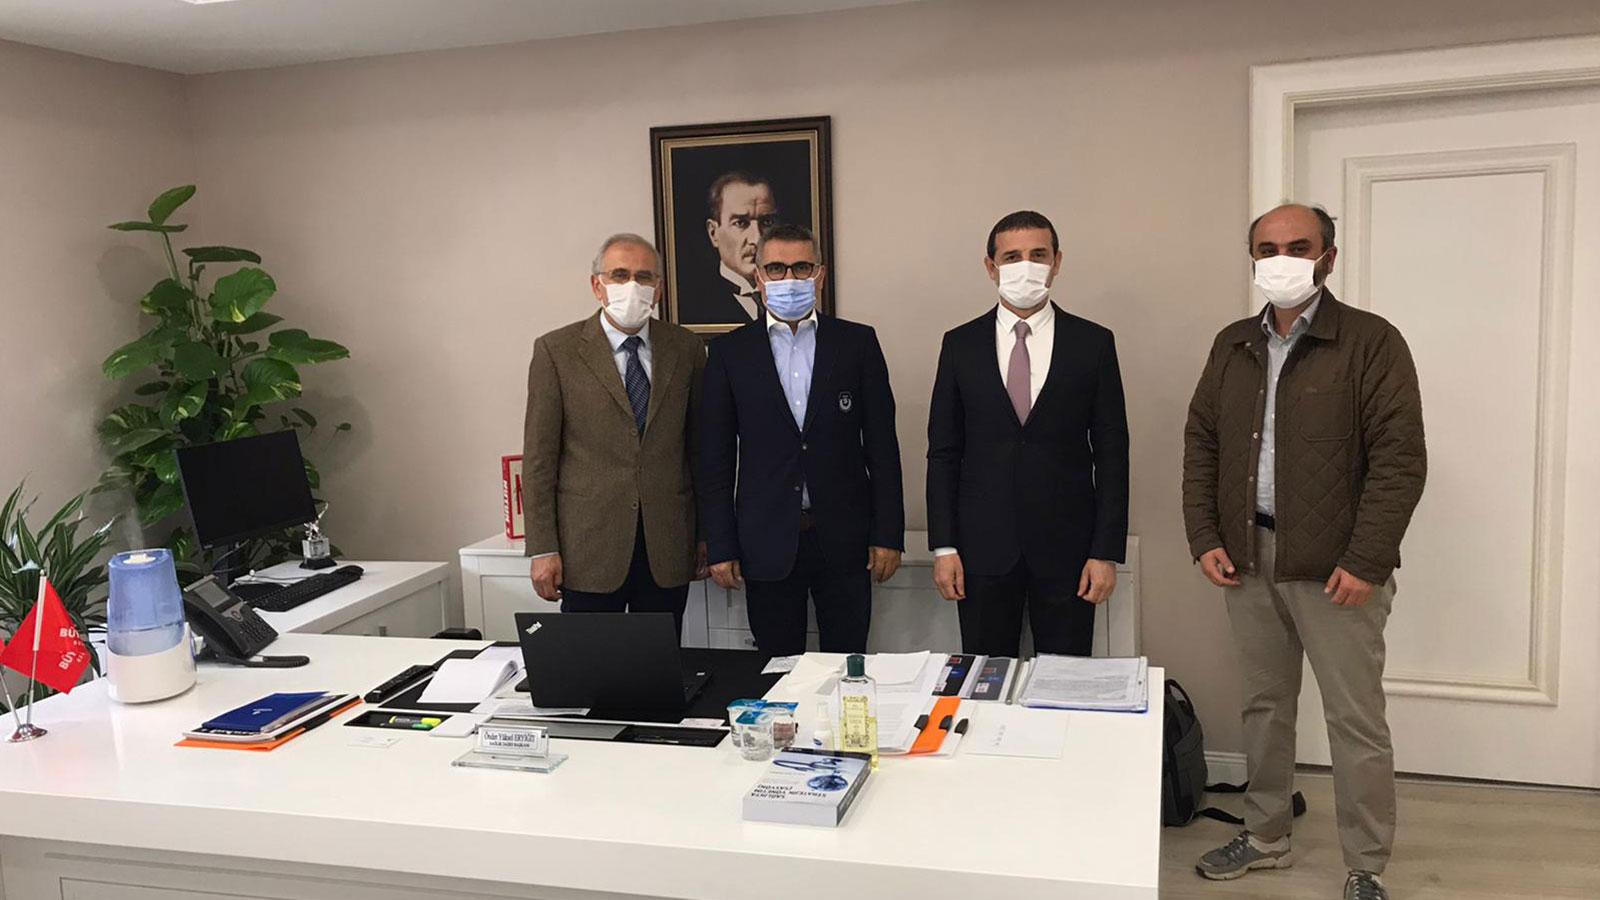 Aile Sağlığı Merkezleri Binalarının Sorunlarıyla İlgili Olarak İstanbul Büyükşehir Belediyesi'yle Görüştük